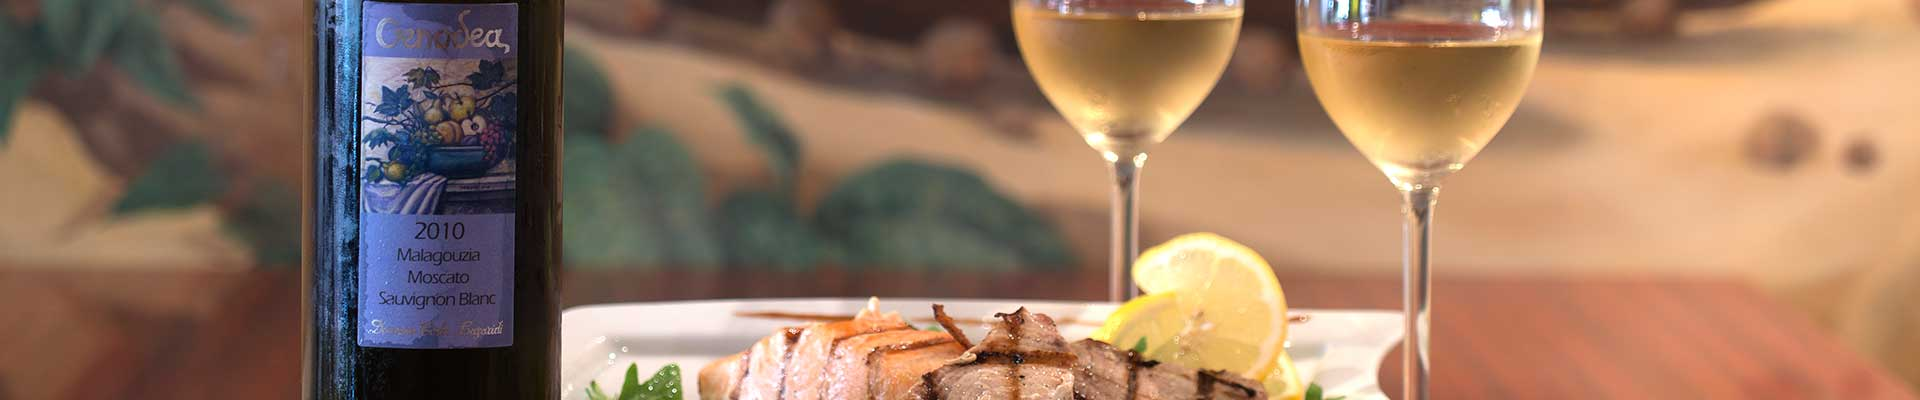 de-grote-griek-gerecht-wijn-slide